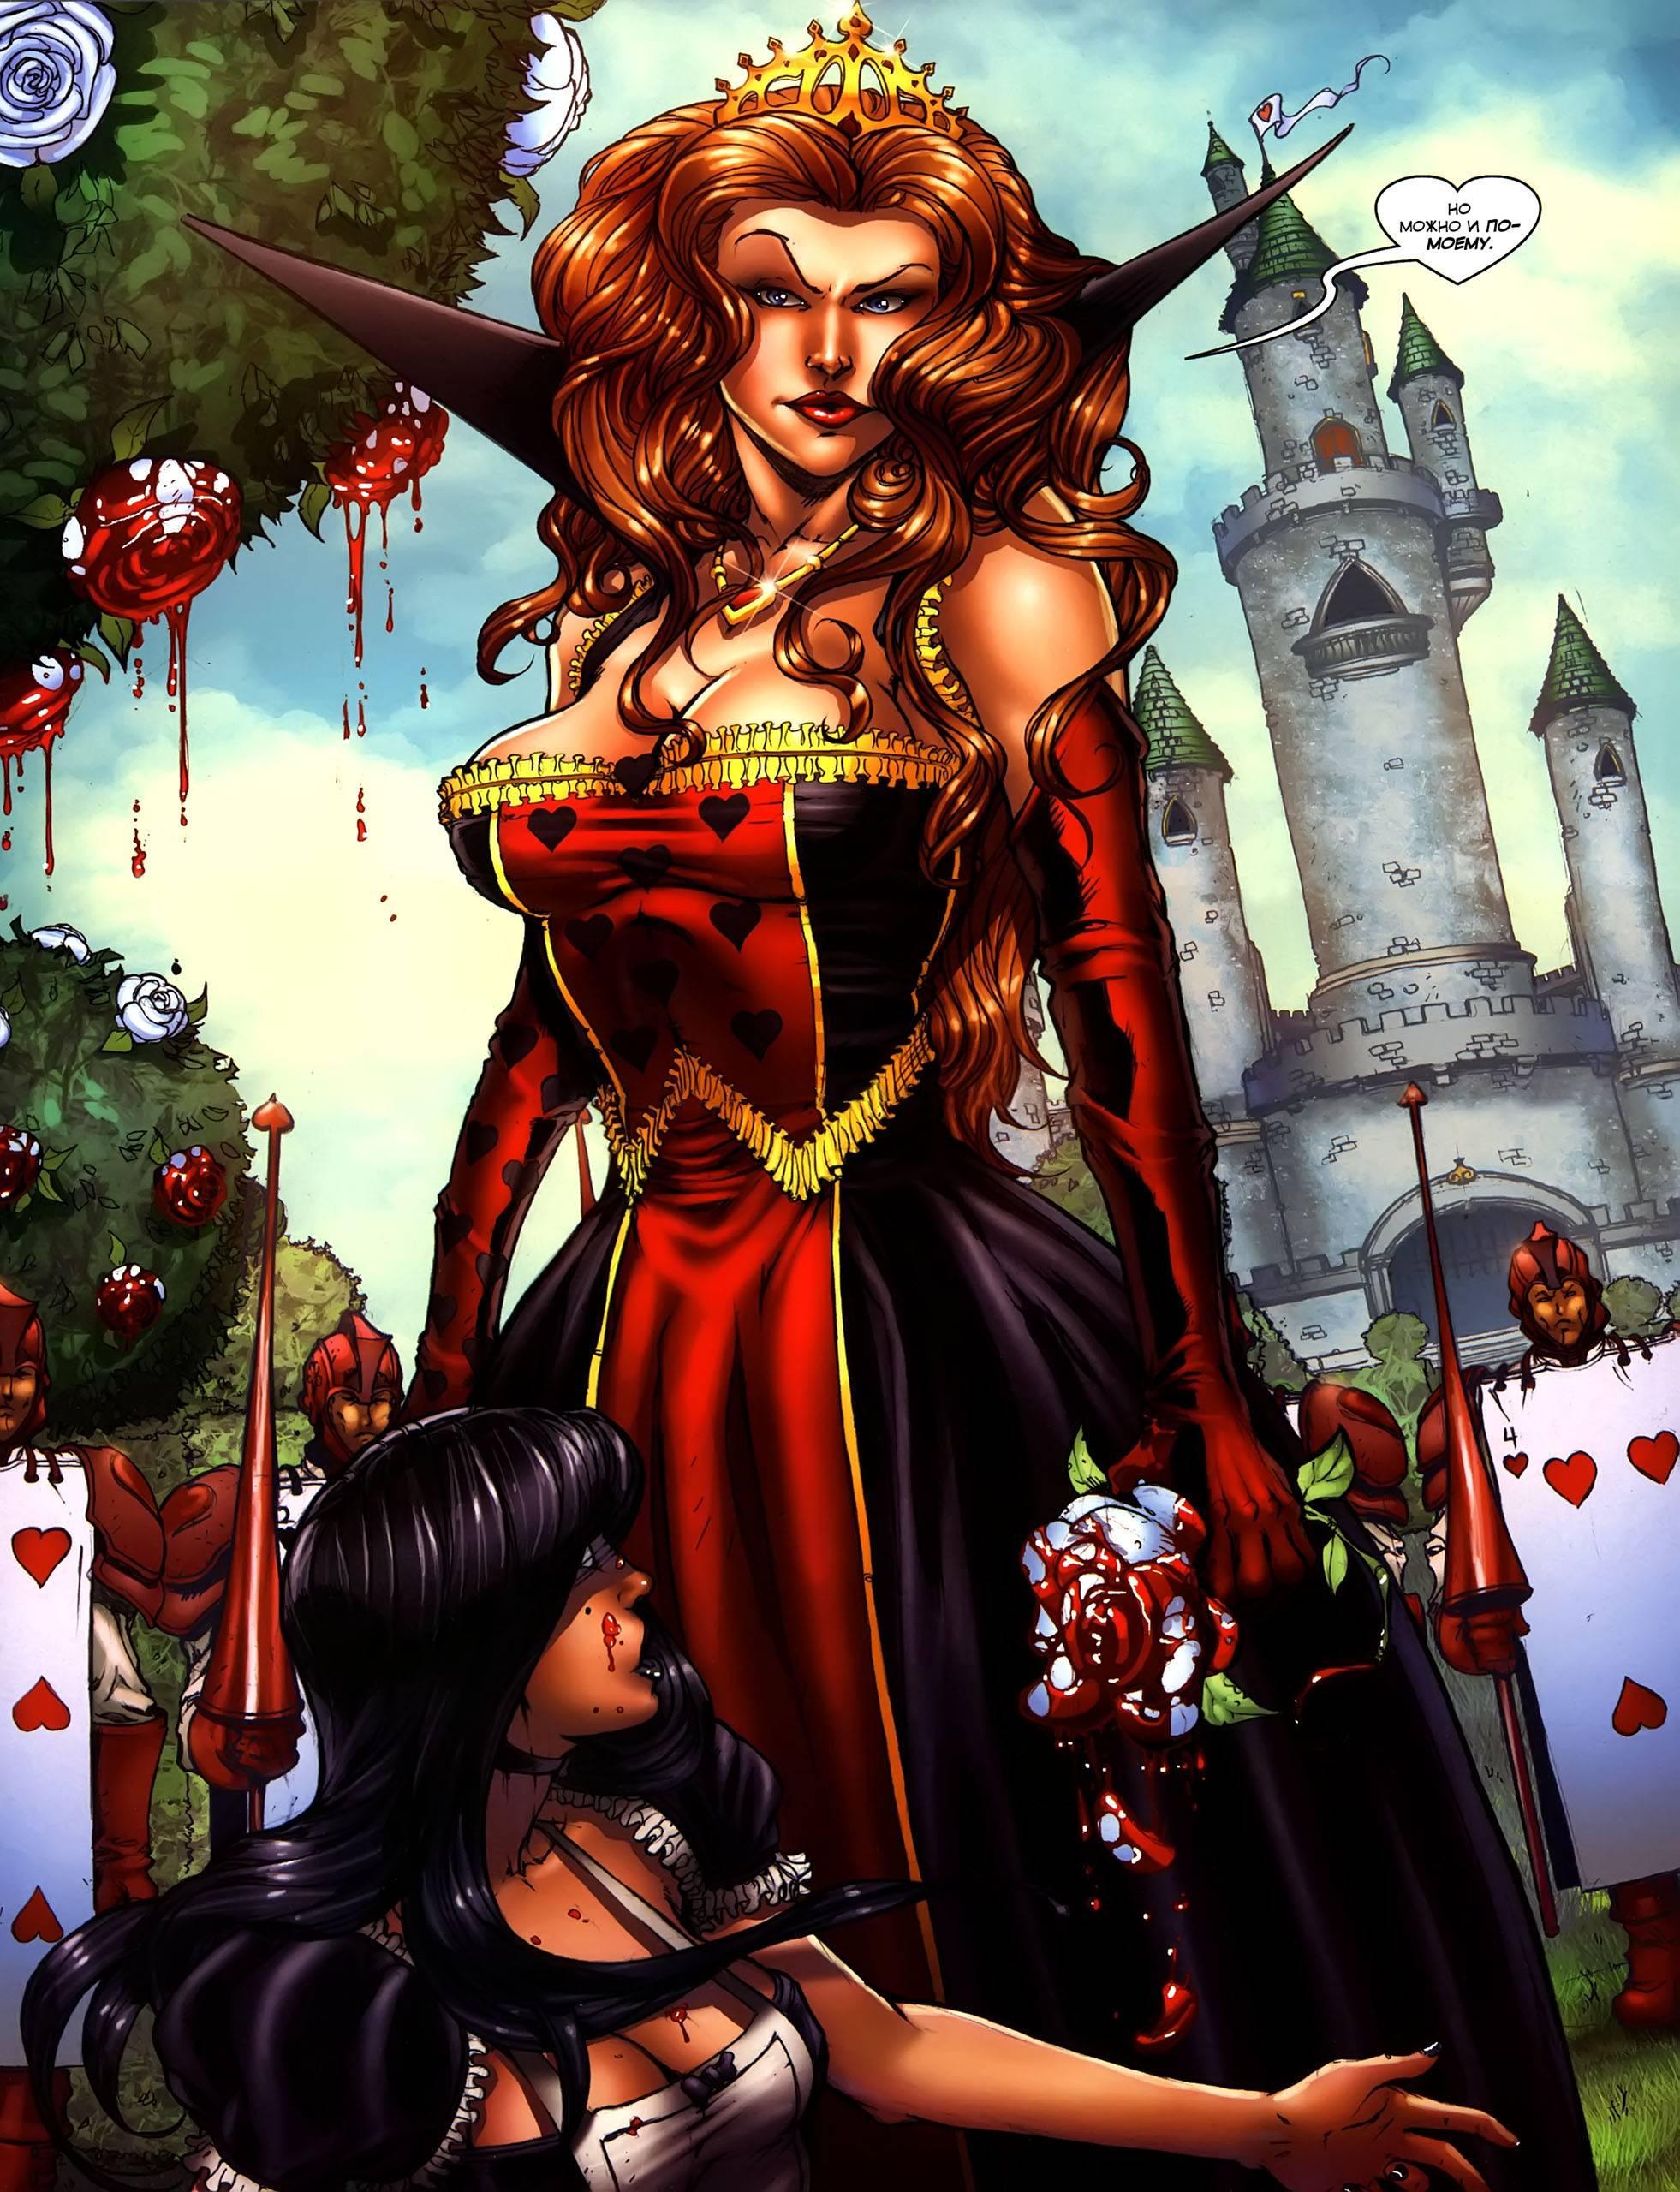 Эротика арты к мультику алиса в стране чудес красная королева 4 фотография